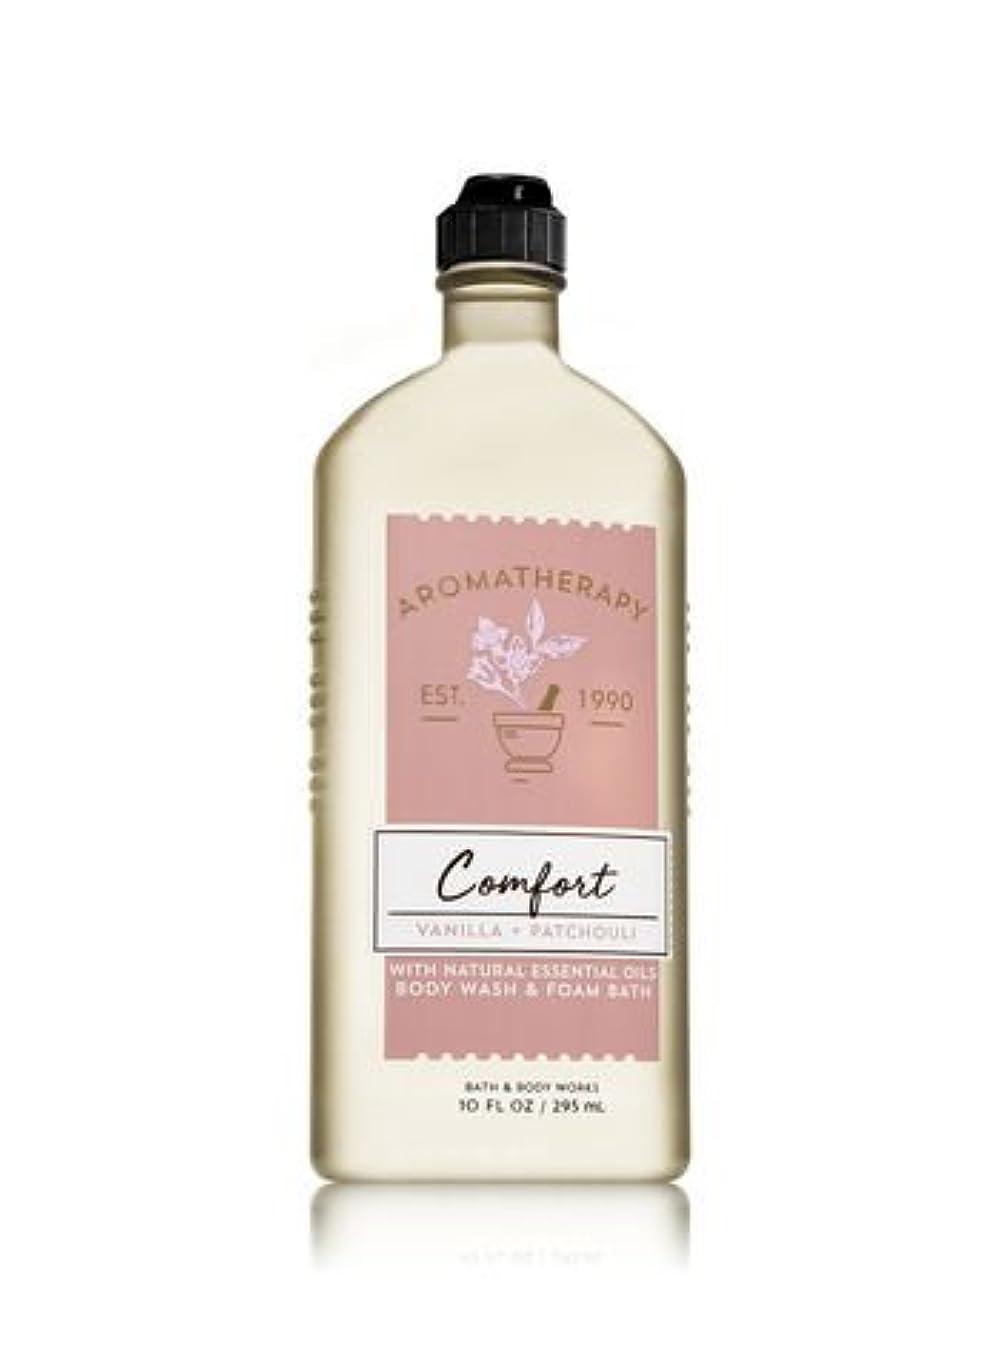 笑明日ライム【Bath&Body Works/バス&ボディワークス】 ボディウォッシュ&フォームバス アロマセラピー コンフォート バニラパチョリ Body Wash & Foam Bath Aromatherapy Comfort Vanilla Patchouli 10 fl oz / 295 mL [並行輸入品]